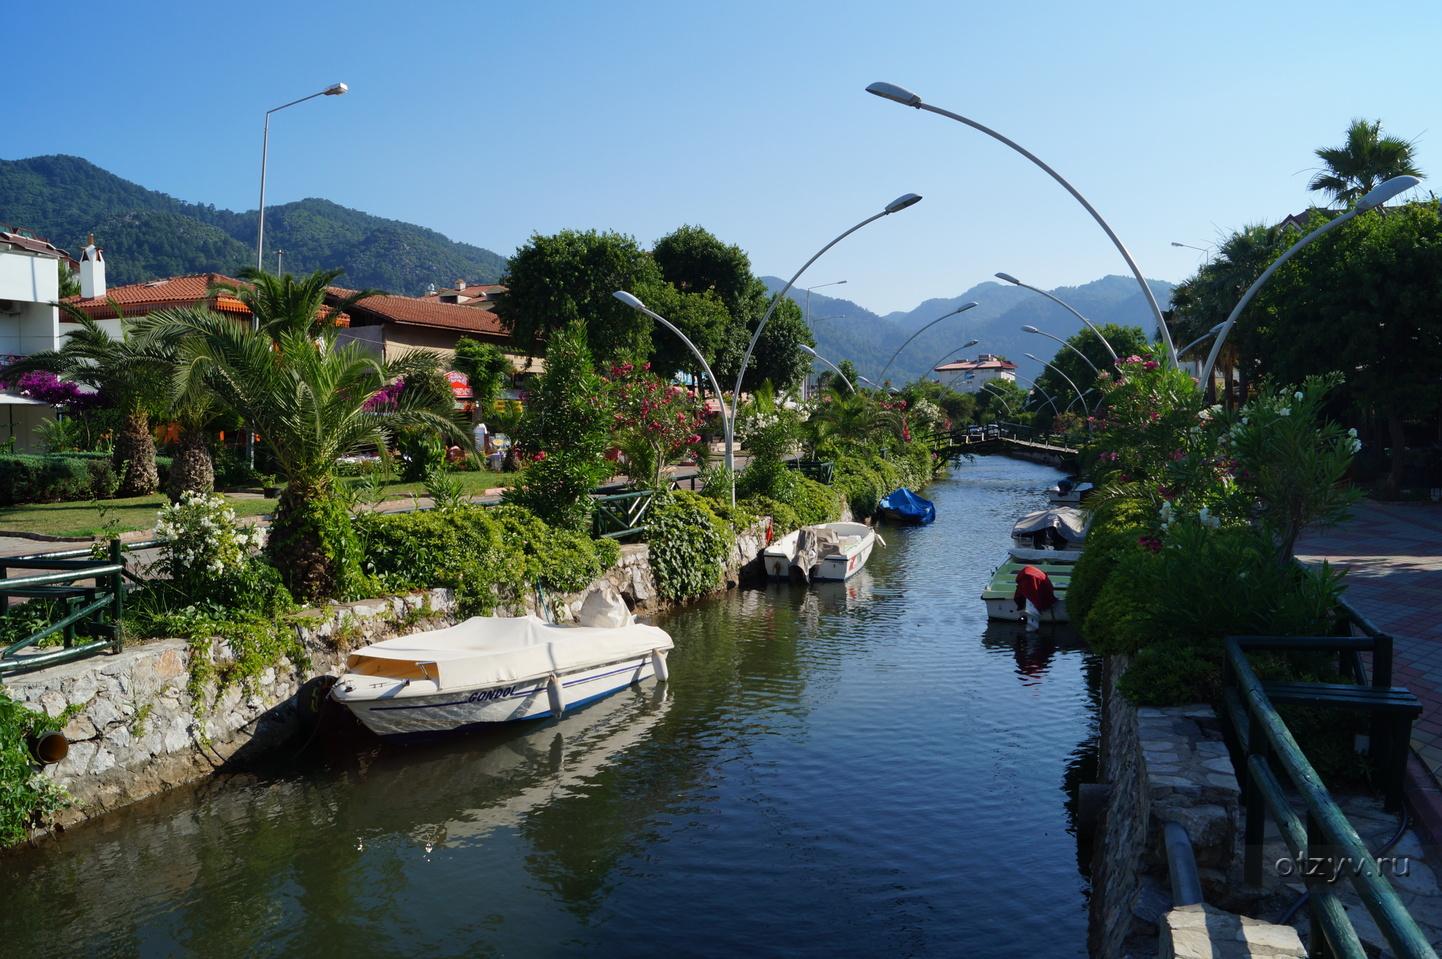 фото района мармарис турция созданные китаем, как